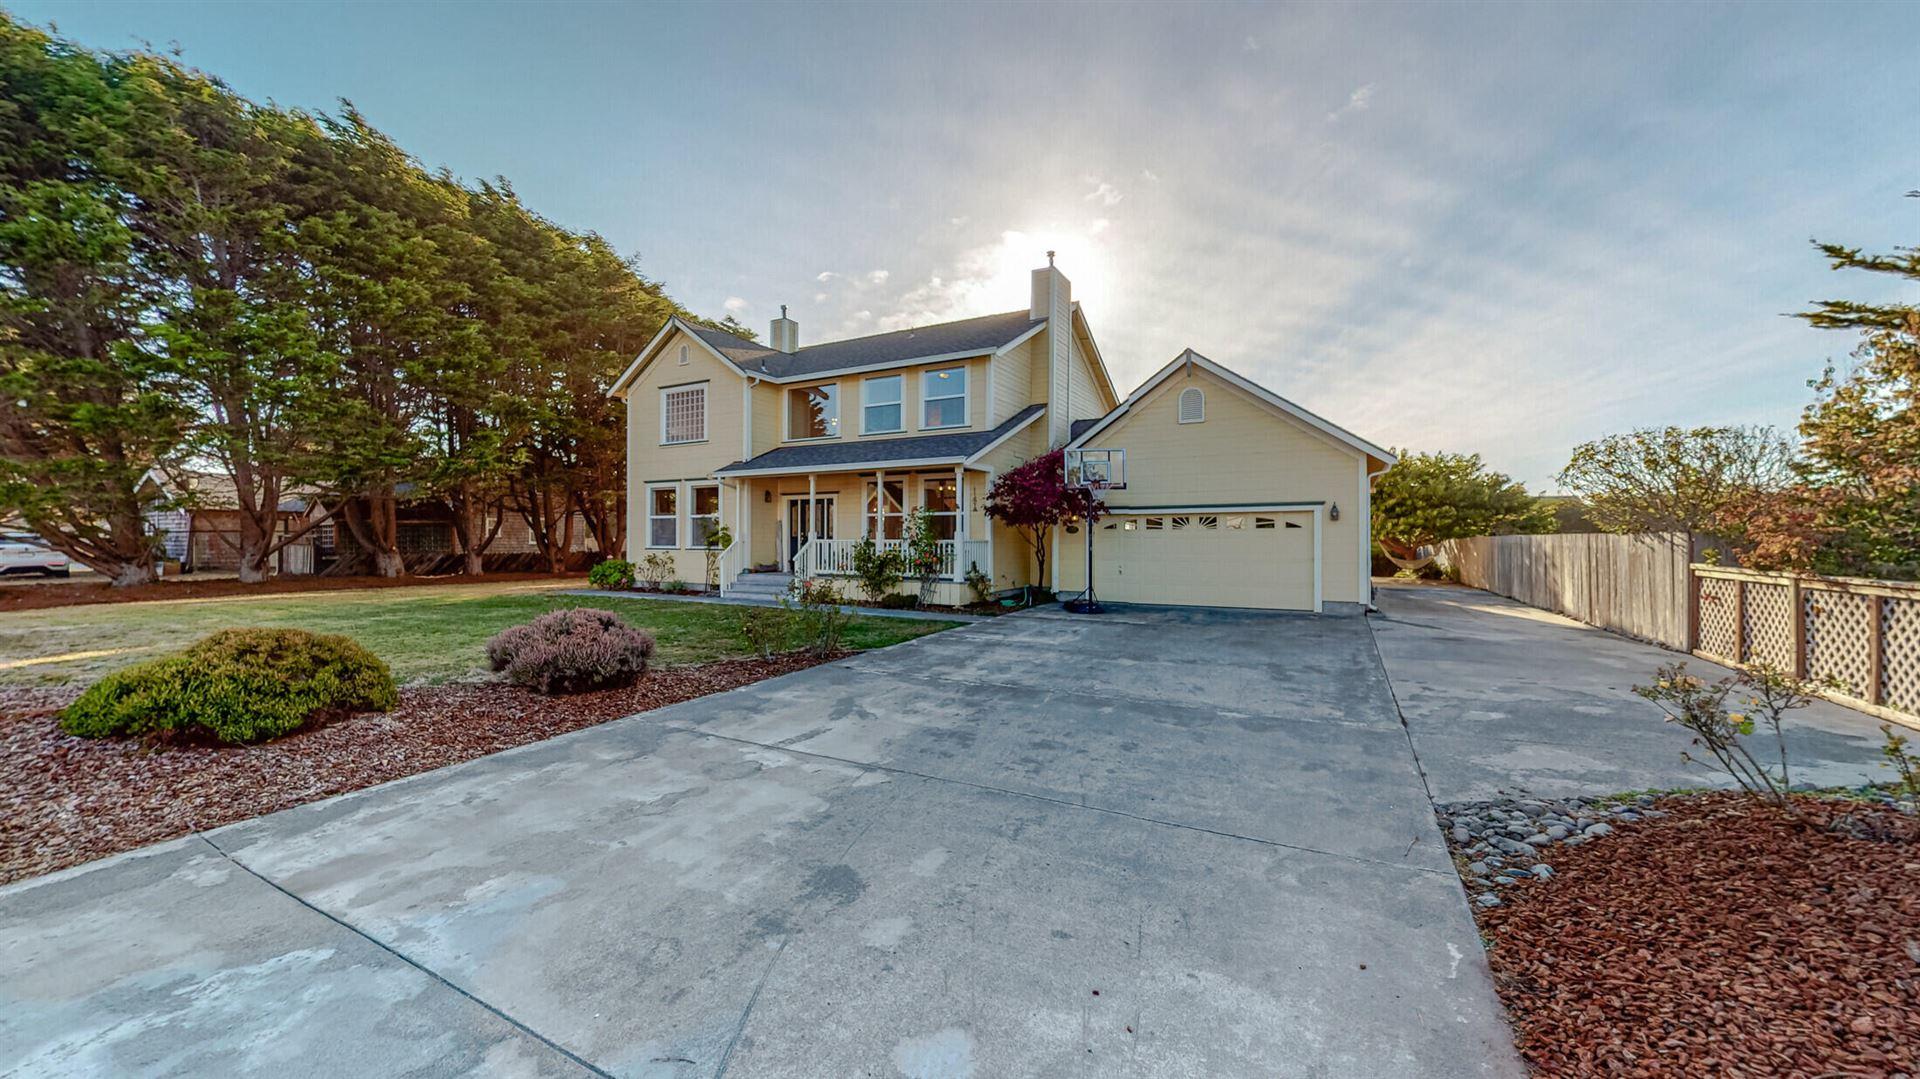 2910 Springer Drive, McKinleyville, CA 95519 - MLS#: 260176